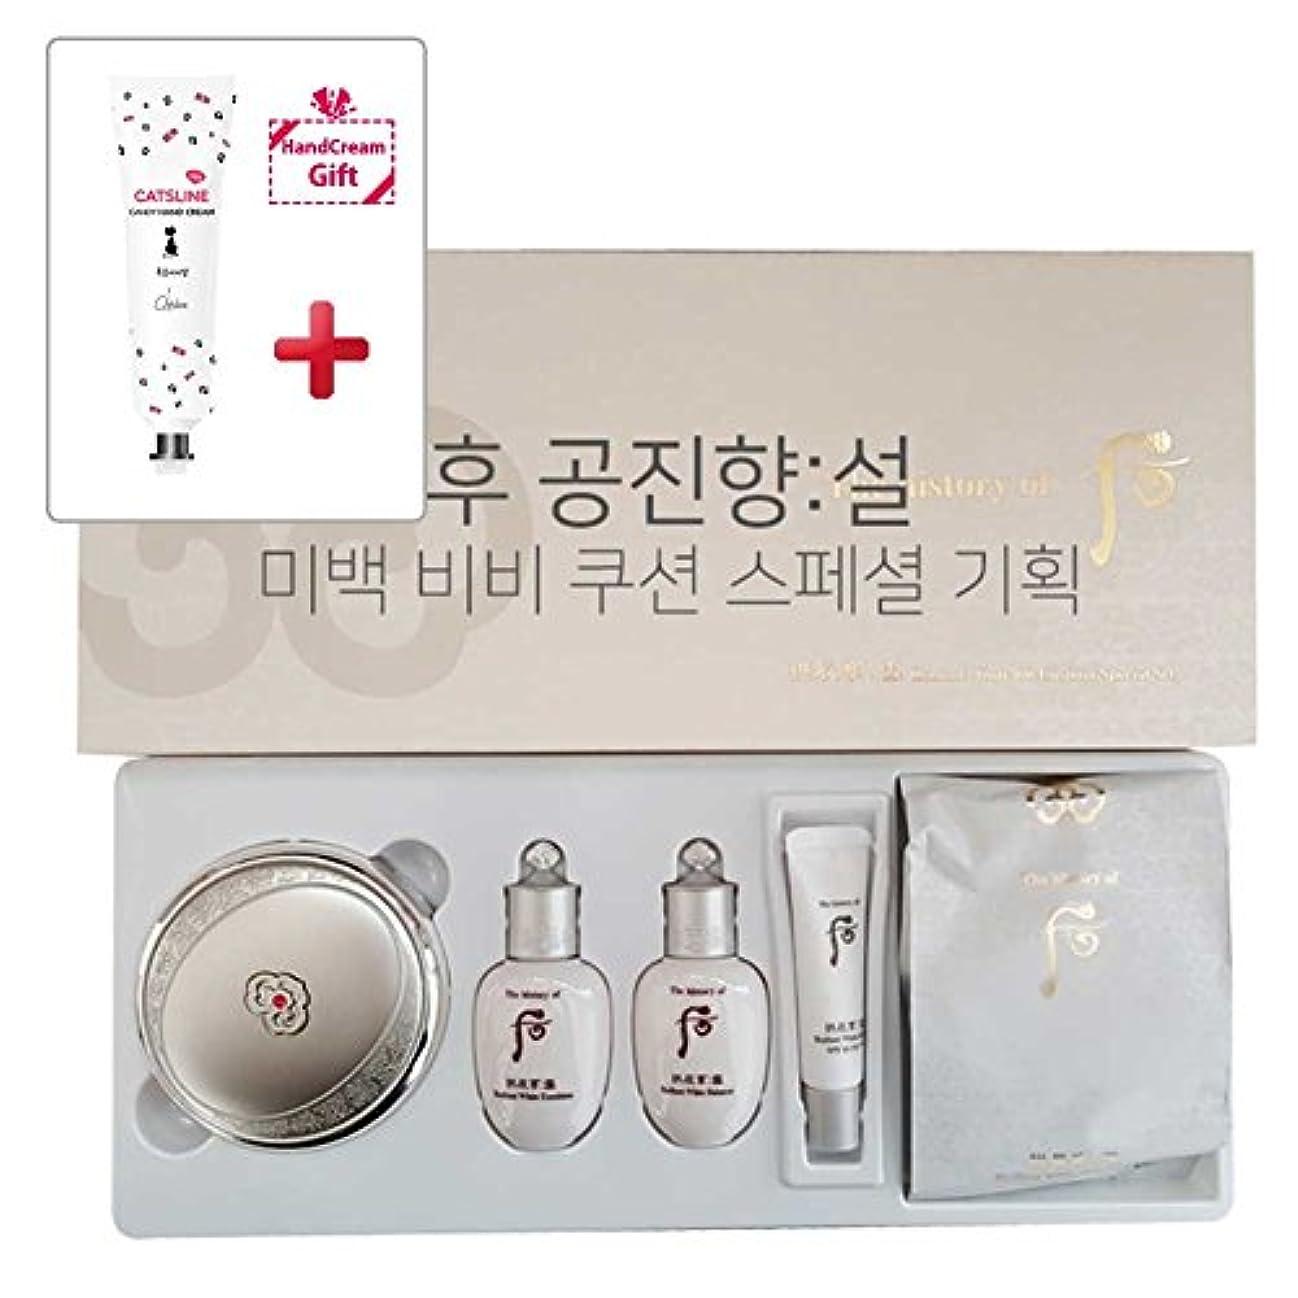 眉ペグ飛躍【フー/The history of whoo] Whoo后 Seol Whitening BB cushion special/美白ビビクッションスペシャル企画 +[Sample Gift](海外直送品)